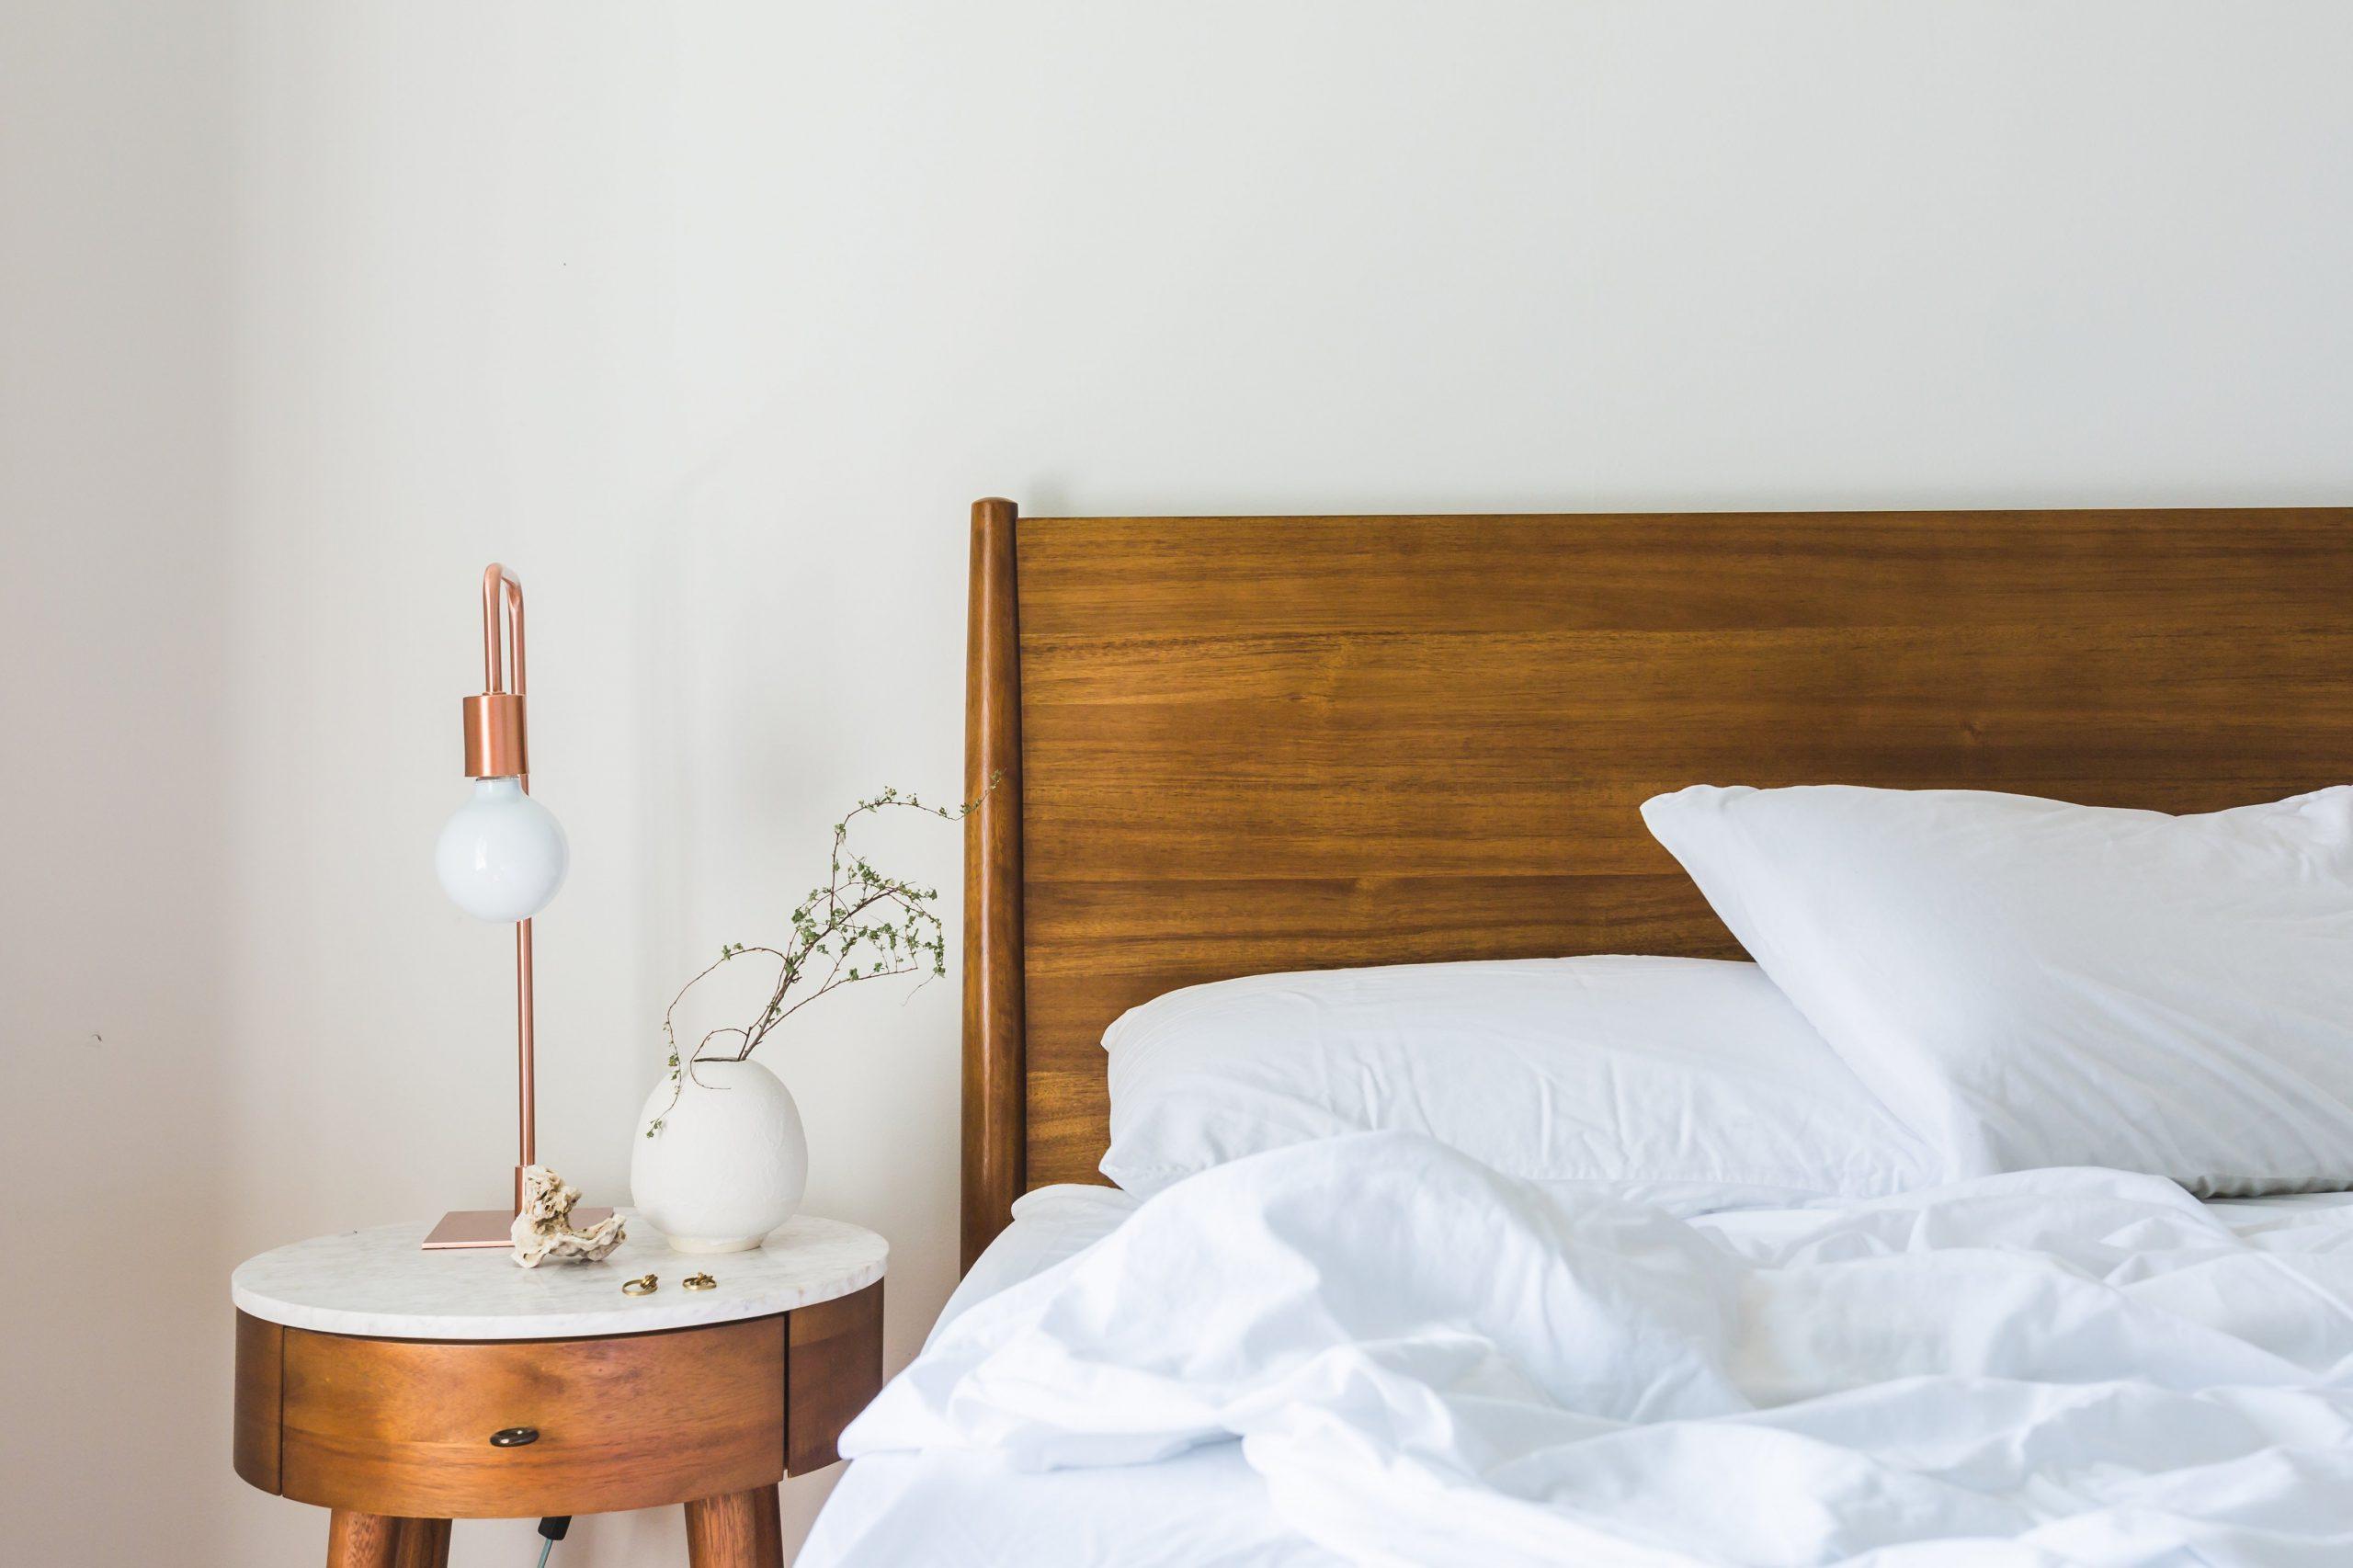 nachtkast bed